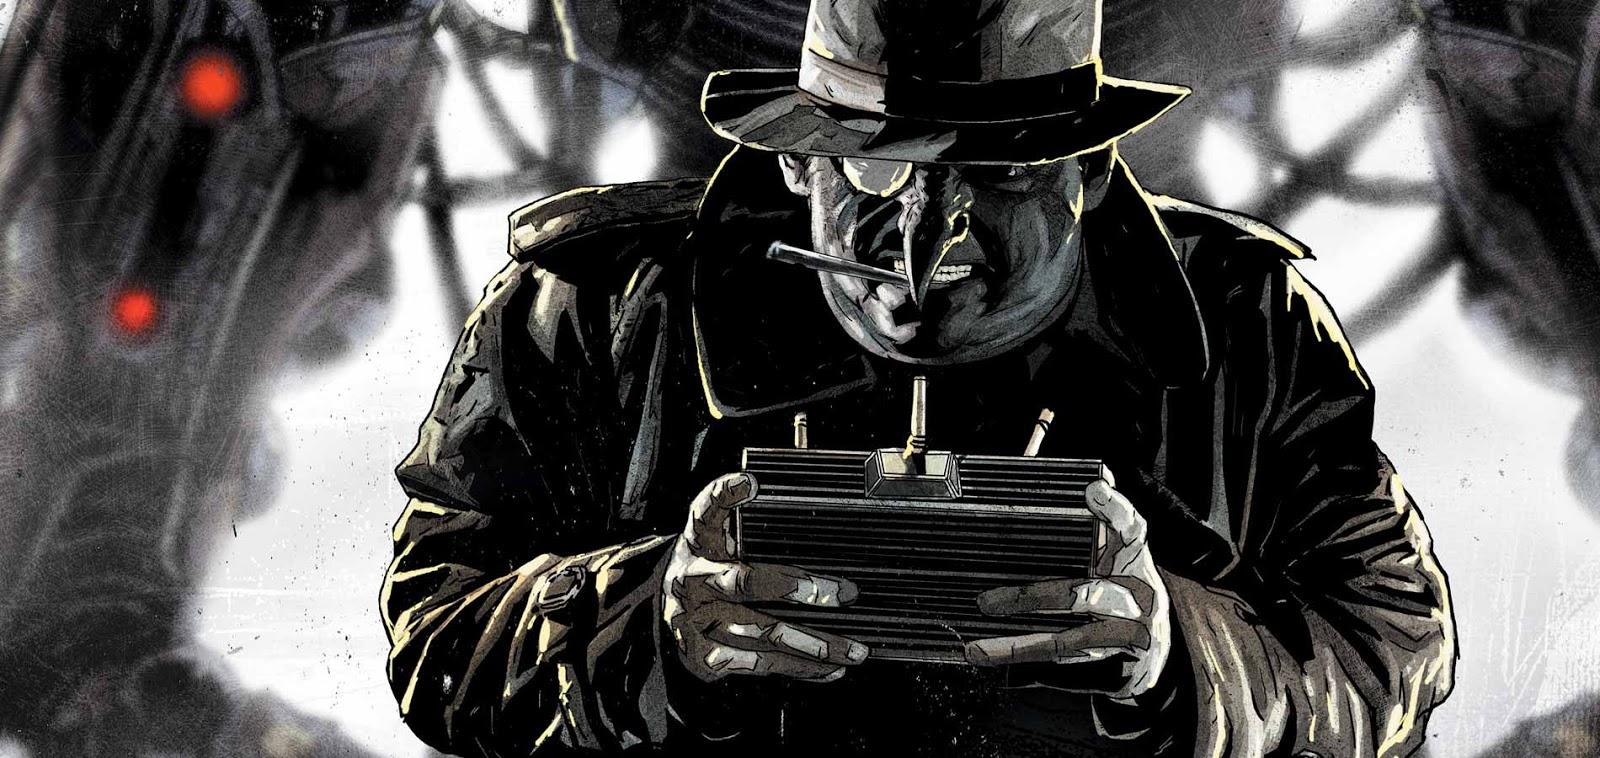 Transtornos mentais na série Batman